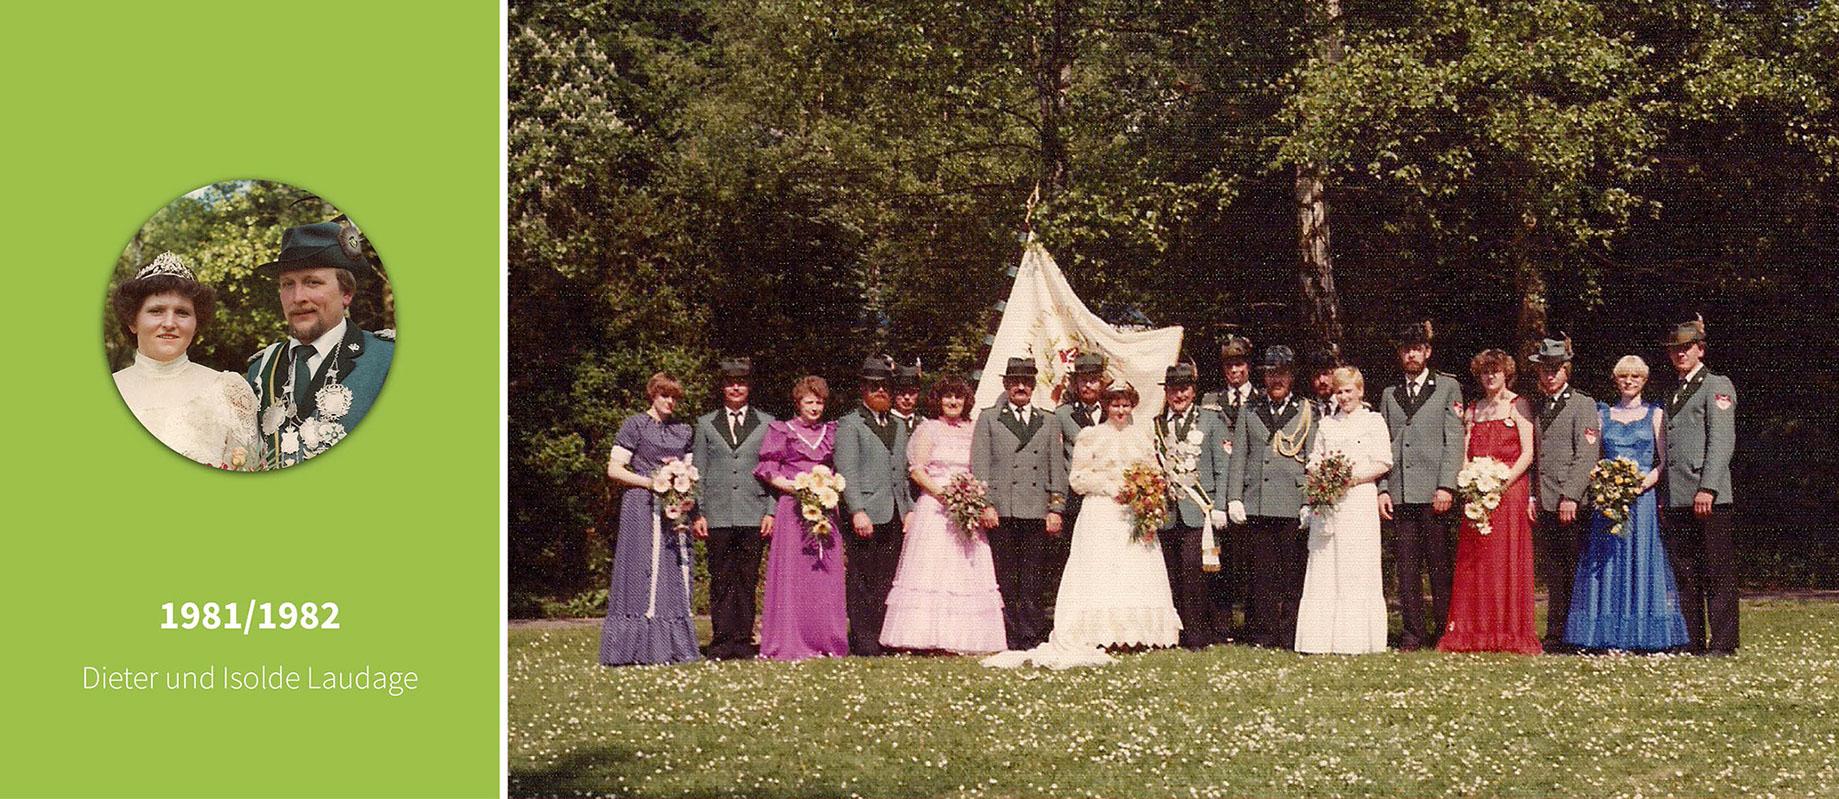 1981_1982_dieter-und-isolde-laudage_2x